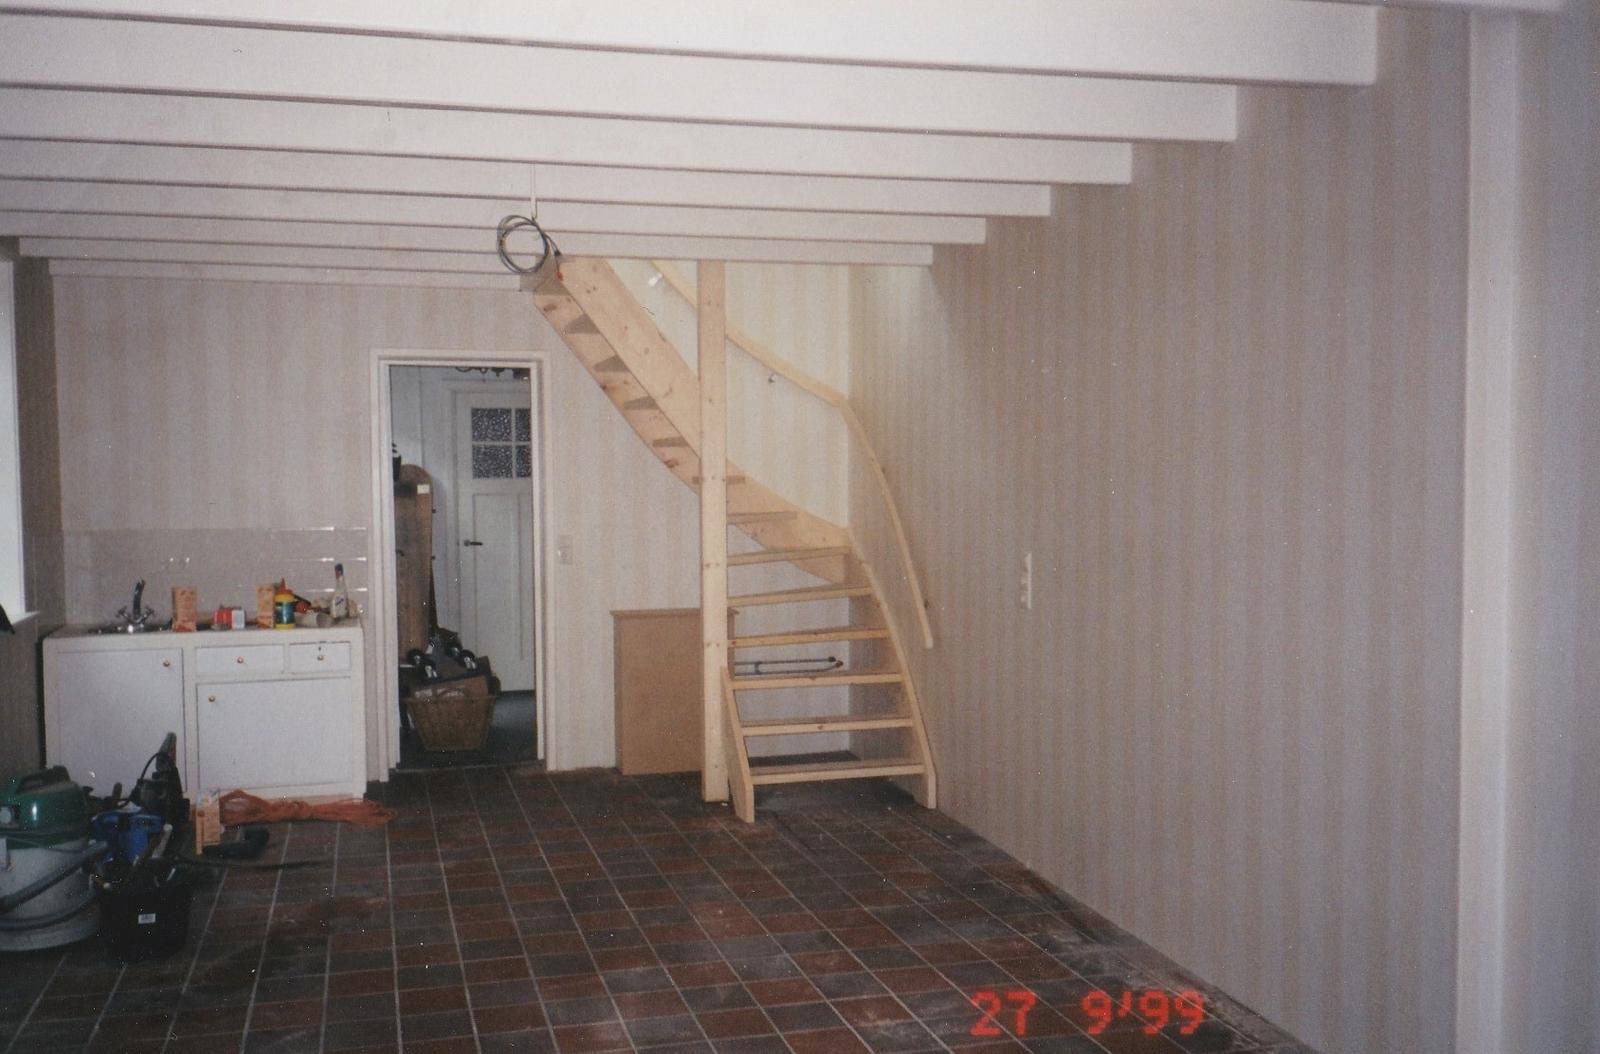 vuren houten trap